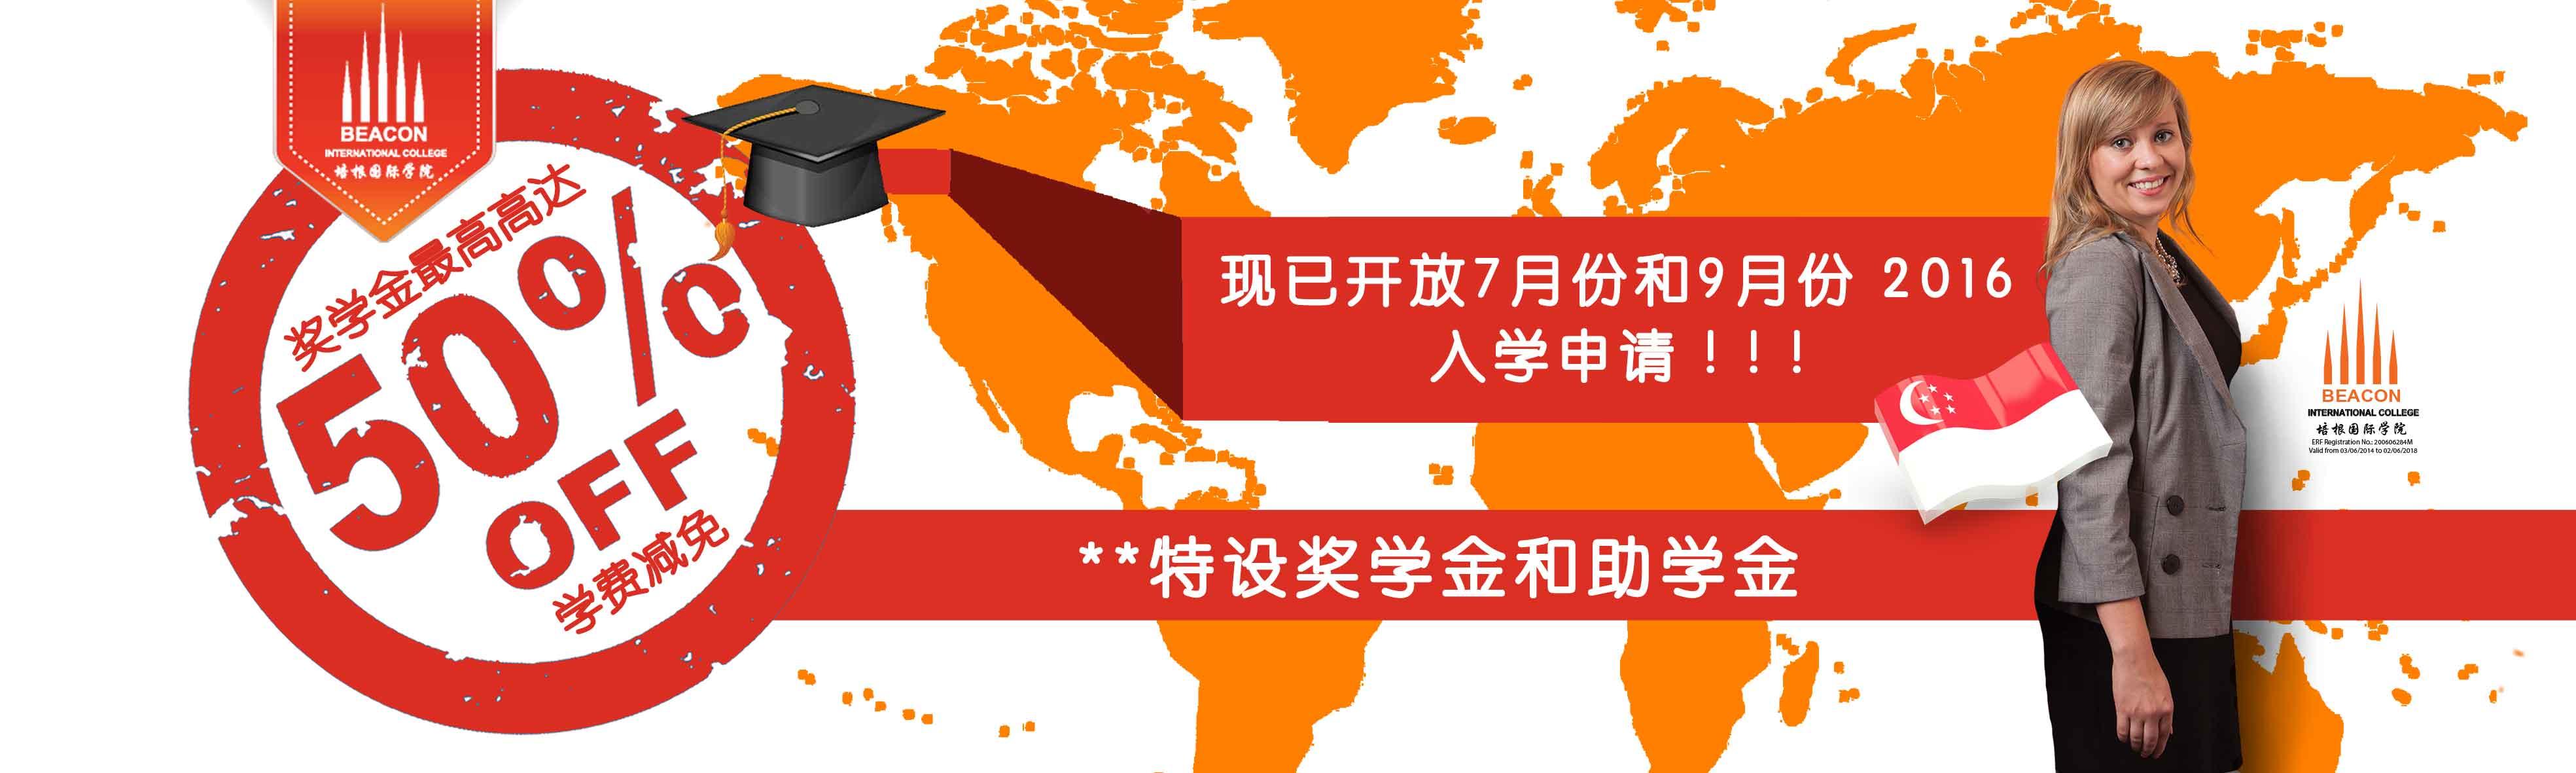 Promotion-for-JULY-&-SEPTEMBER-INTAKE-2016-Intake(Chinese-Version).jpg